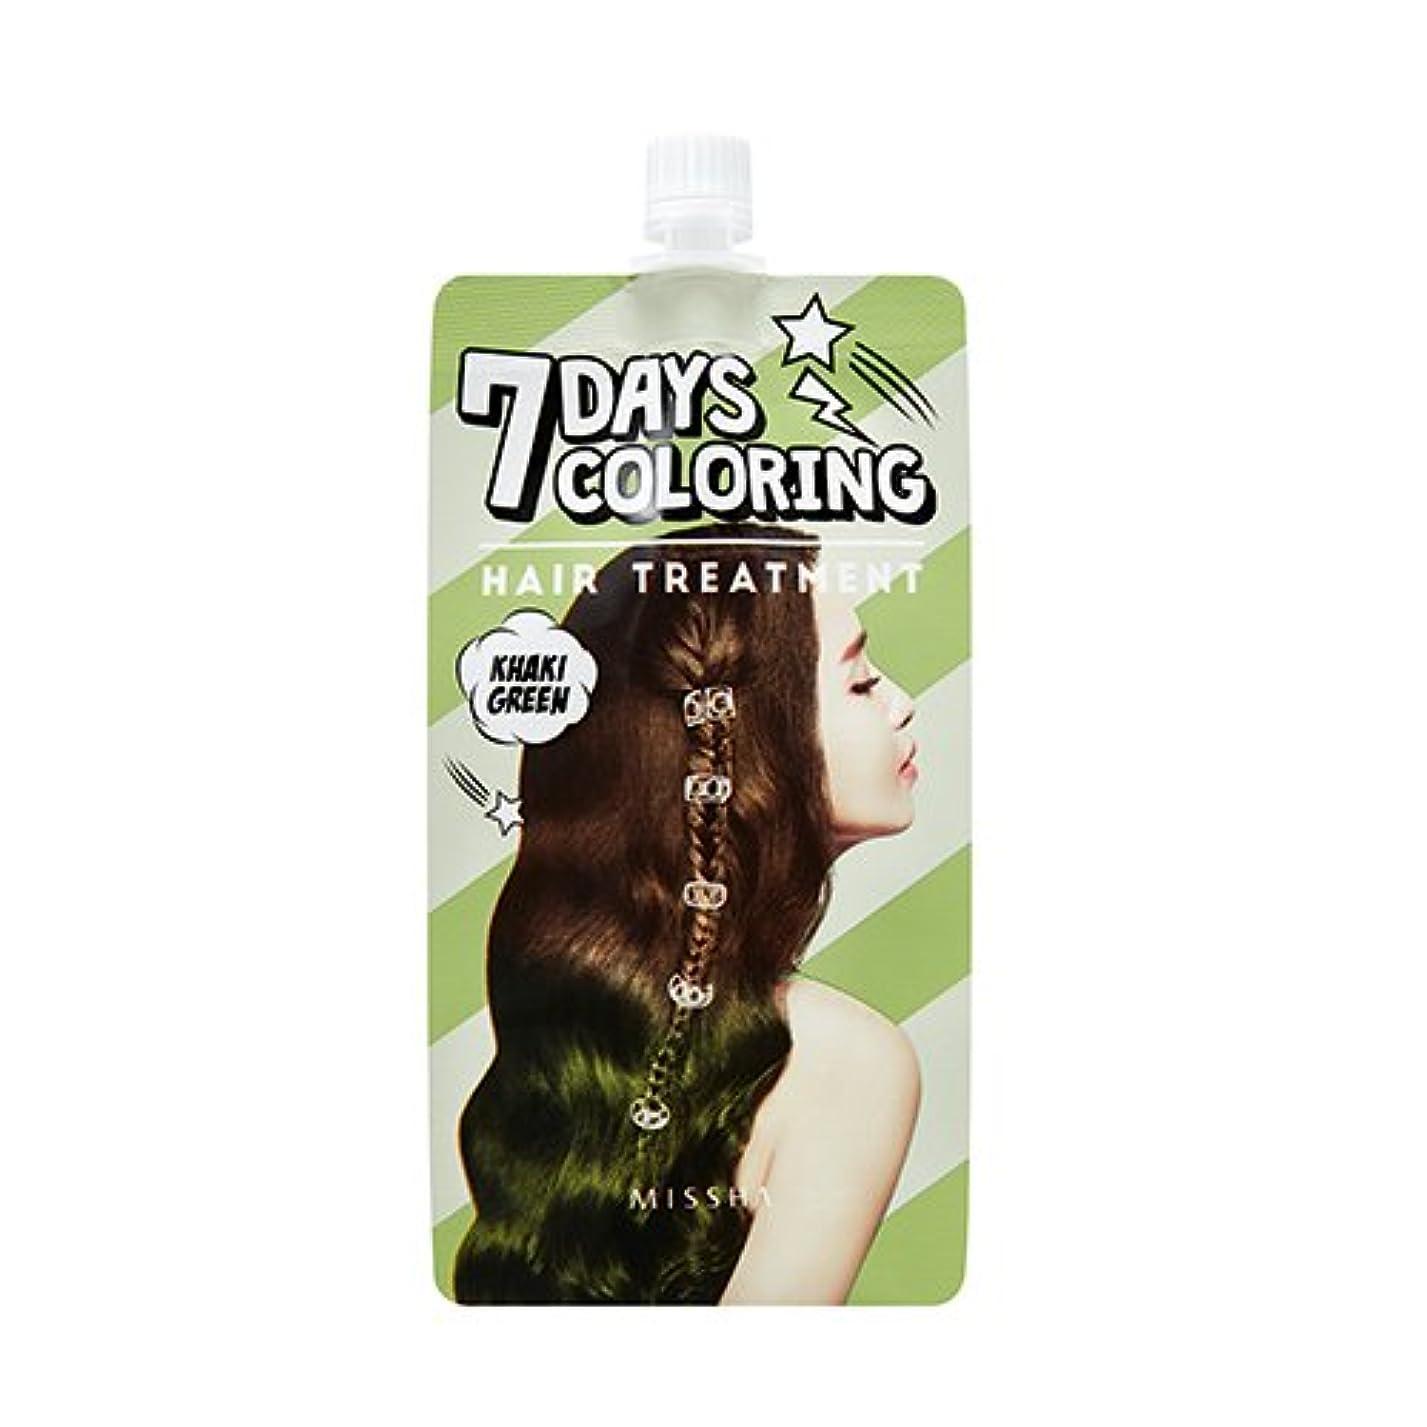 シチリア比較的容疑者MISSHA 7 Days Coloring Hair Treatment 25ml/ミシャ 7デイズ カラーリング ヘア トリートメント 25ml (#Khaki Green) [並行輸入品]